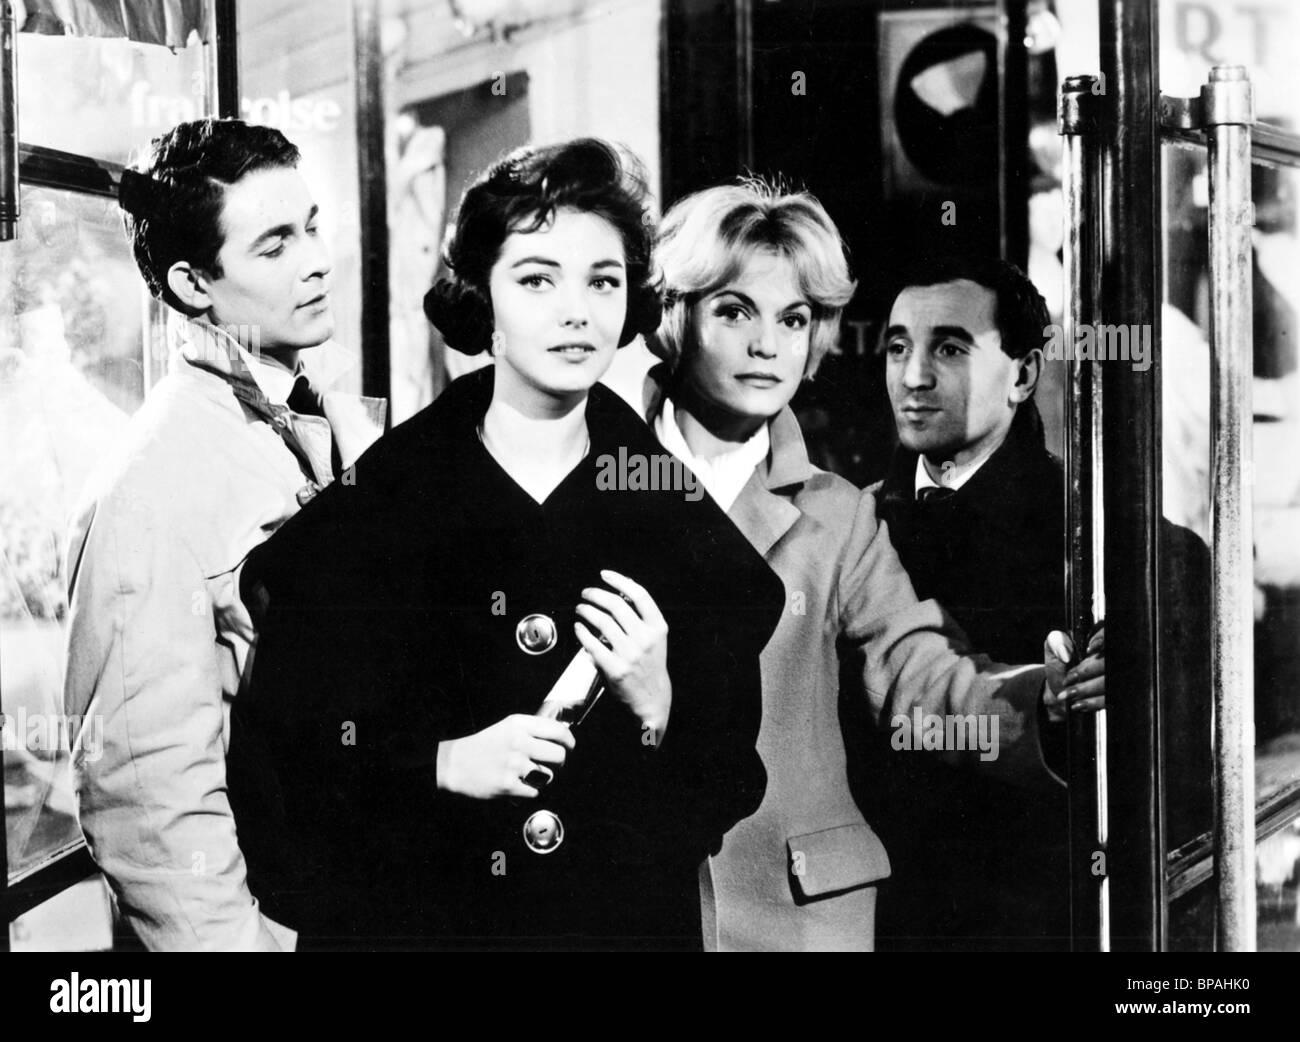 JACQUES CHARRIER, DANY CARREL, ESTELLA BLAIN, Charles Aznavour, i giovani non hanno morale, 1959 Immagini Stock